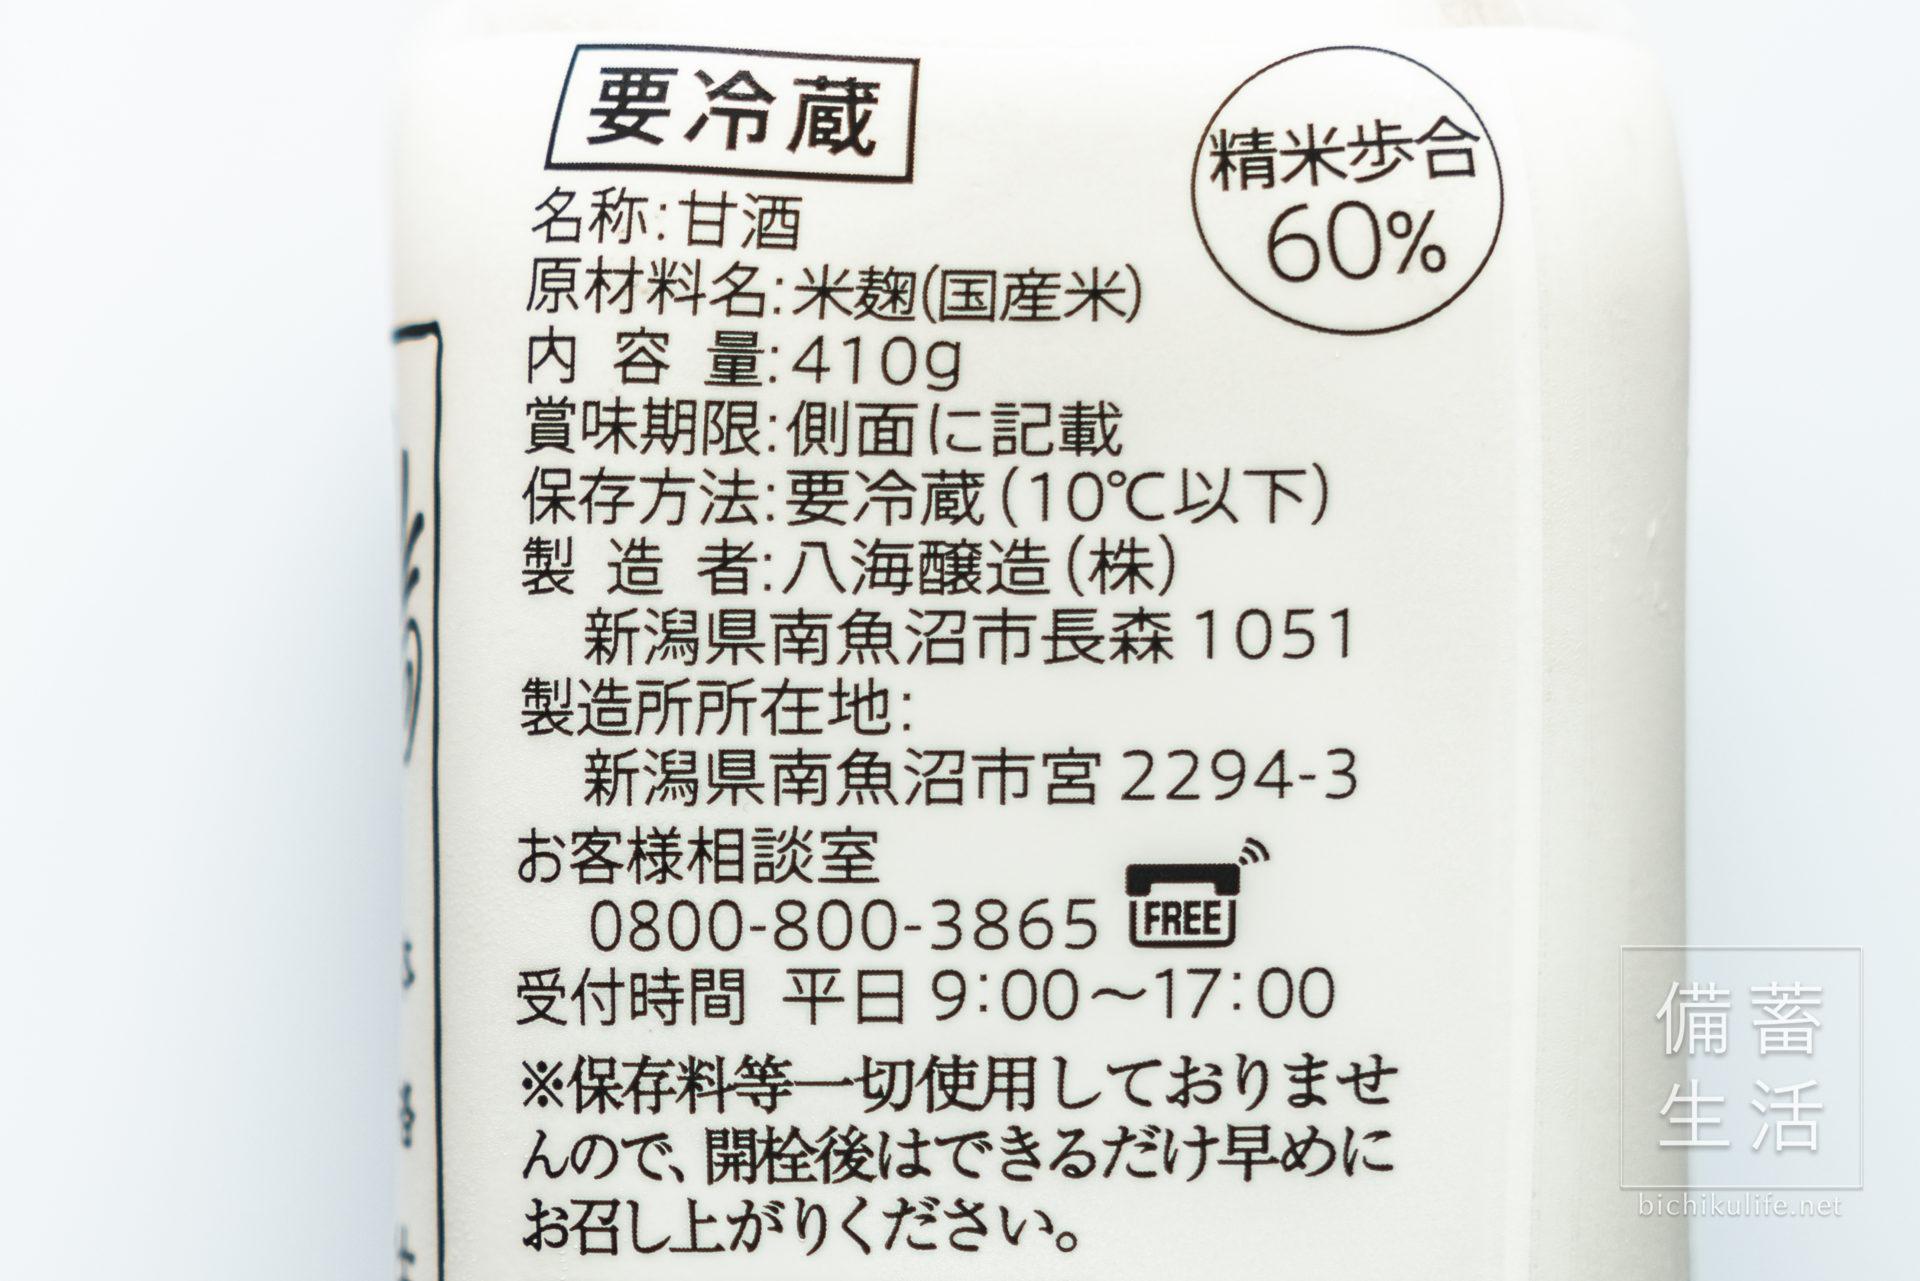 八海山の発酵食品 麹だけでつくった あまさけ(甘酒)の原材料